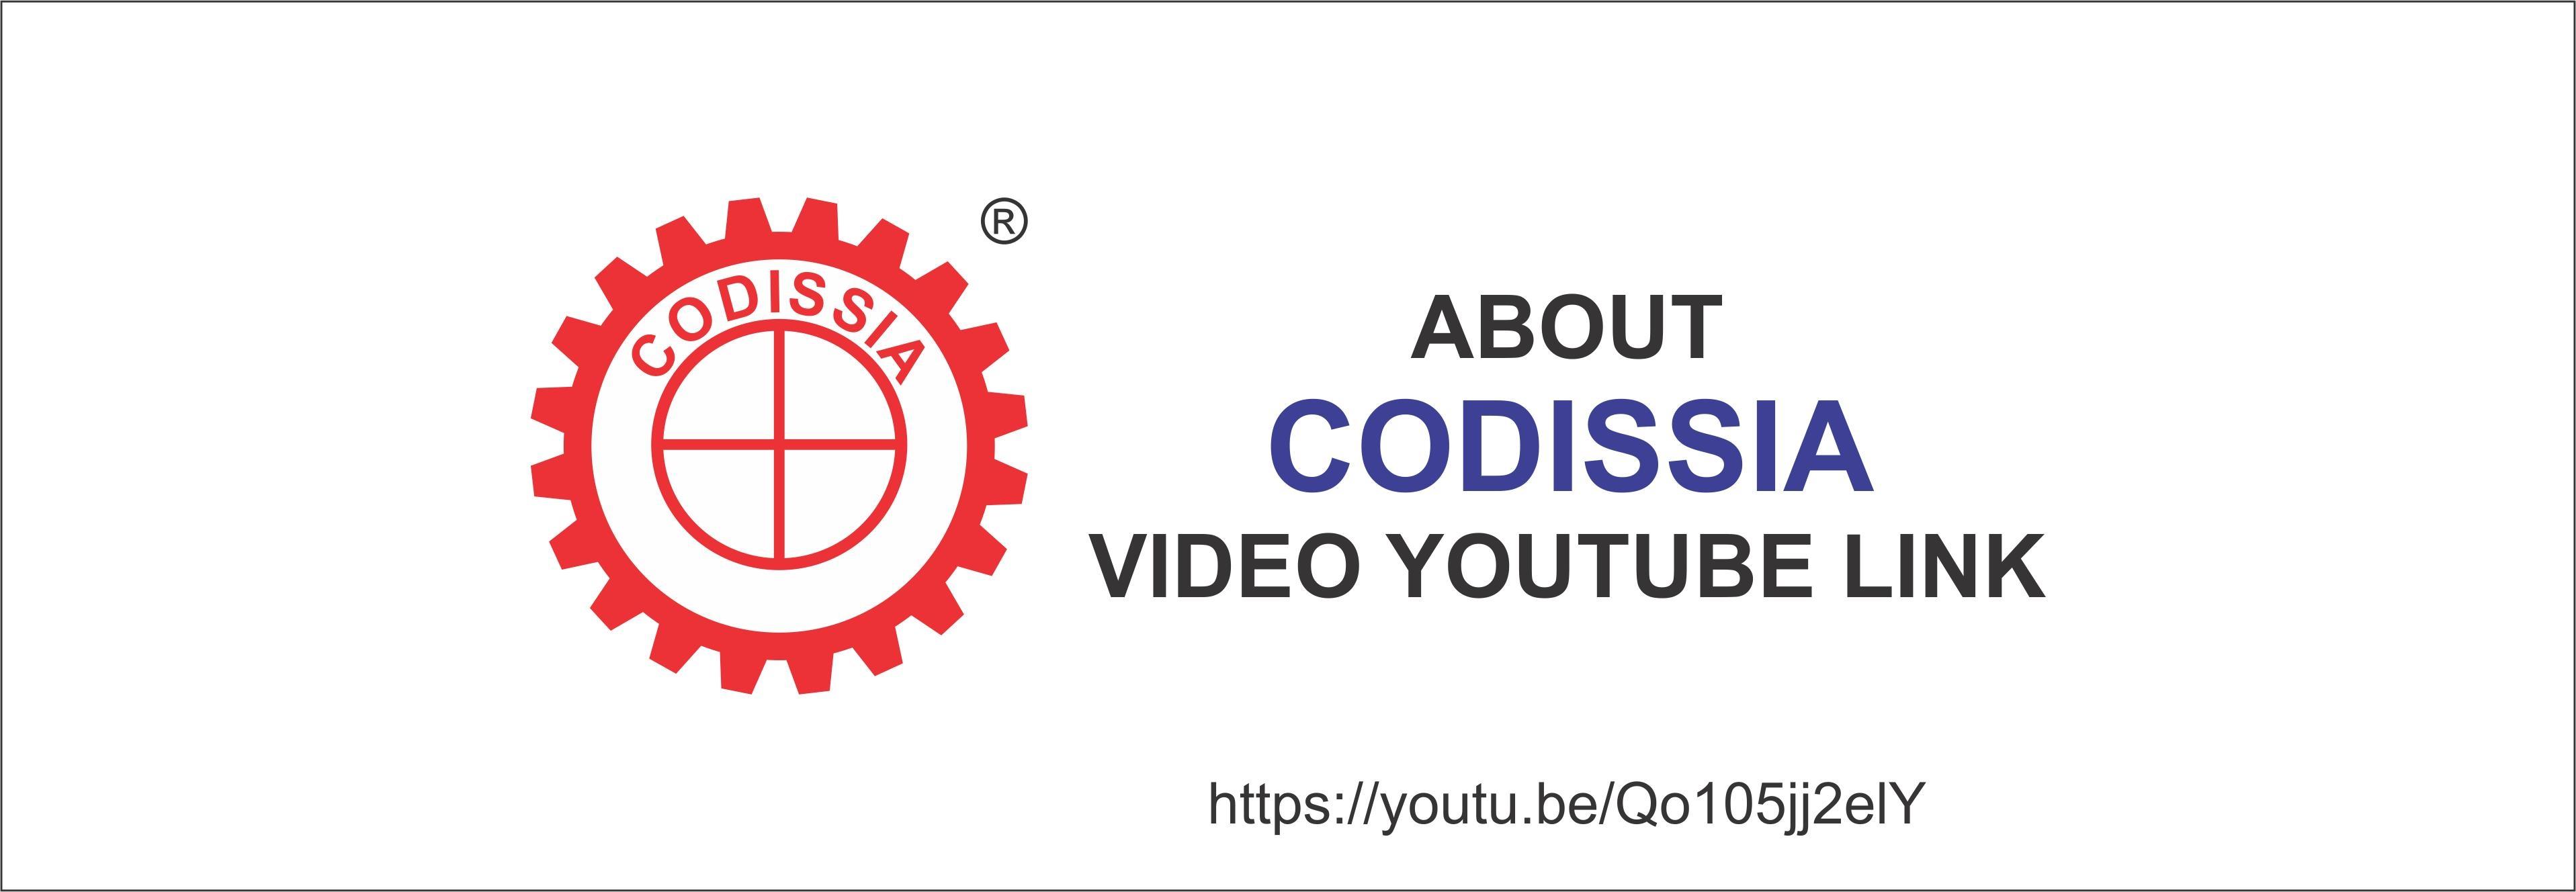 about codissia video